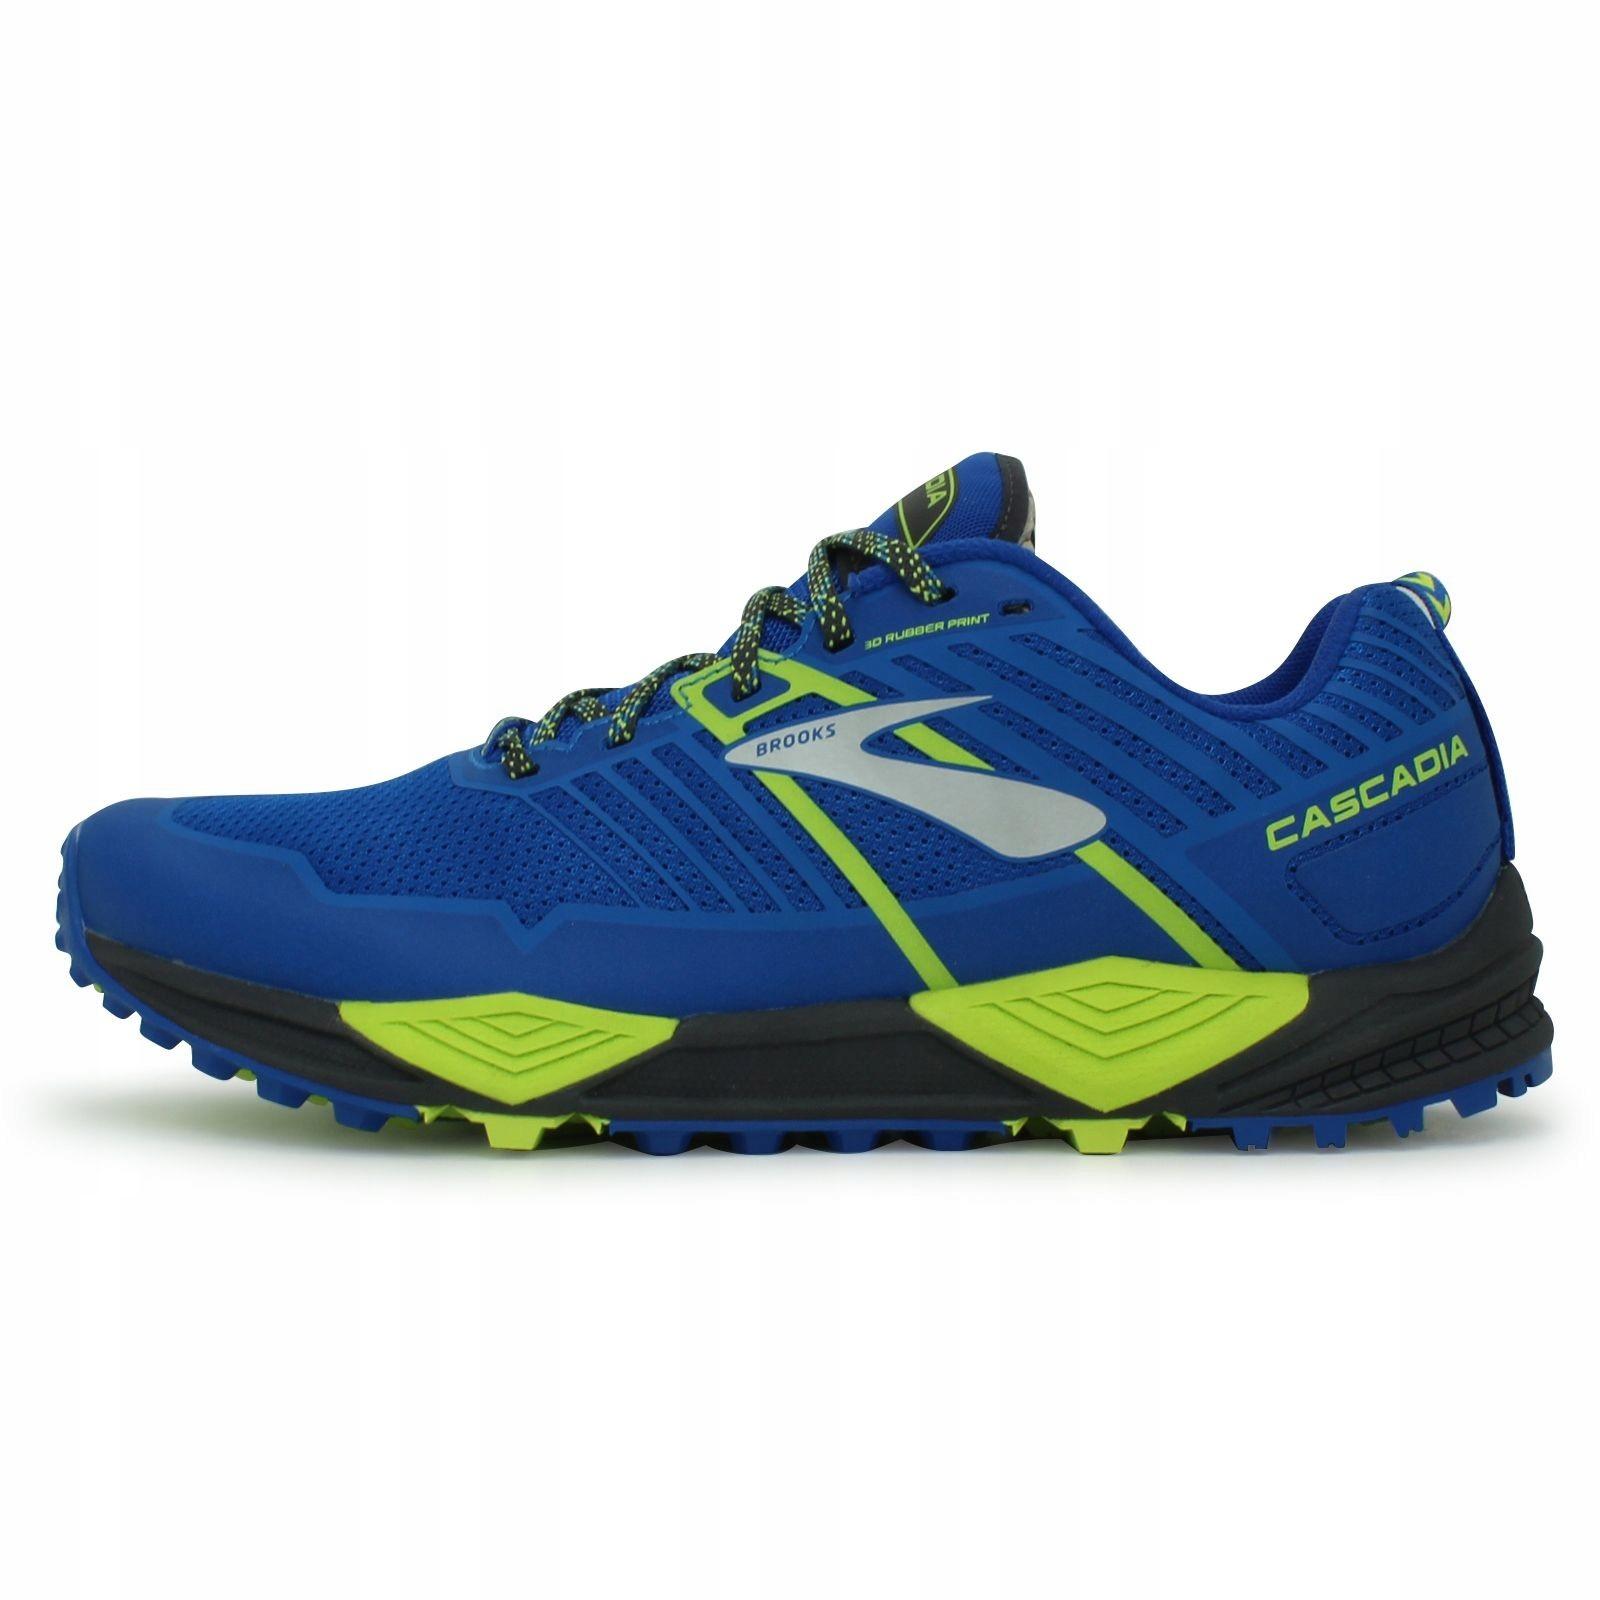 Brooks męskie buty biegowe Cascadia 13 roz.43